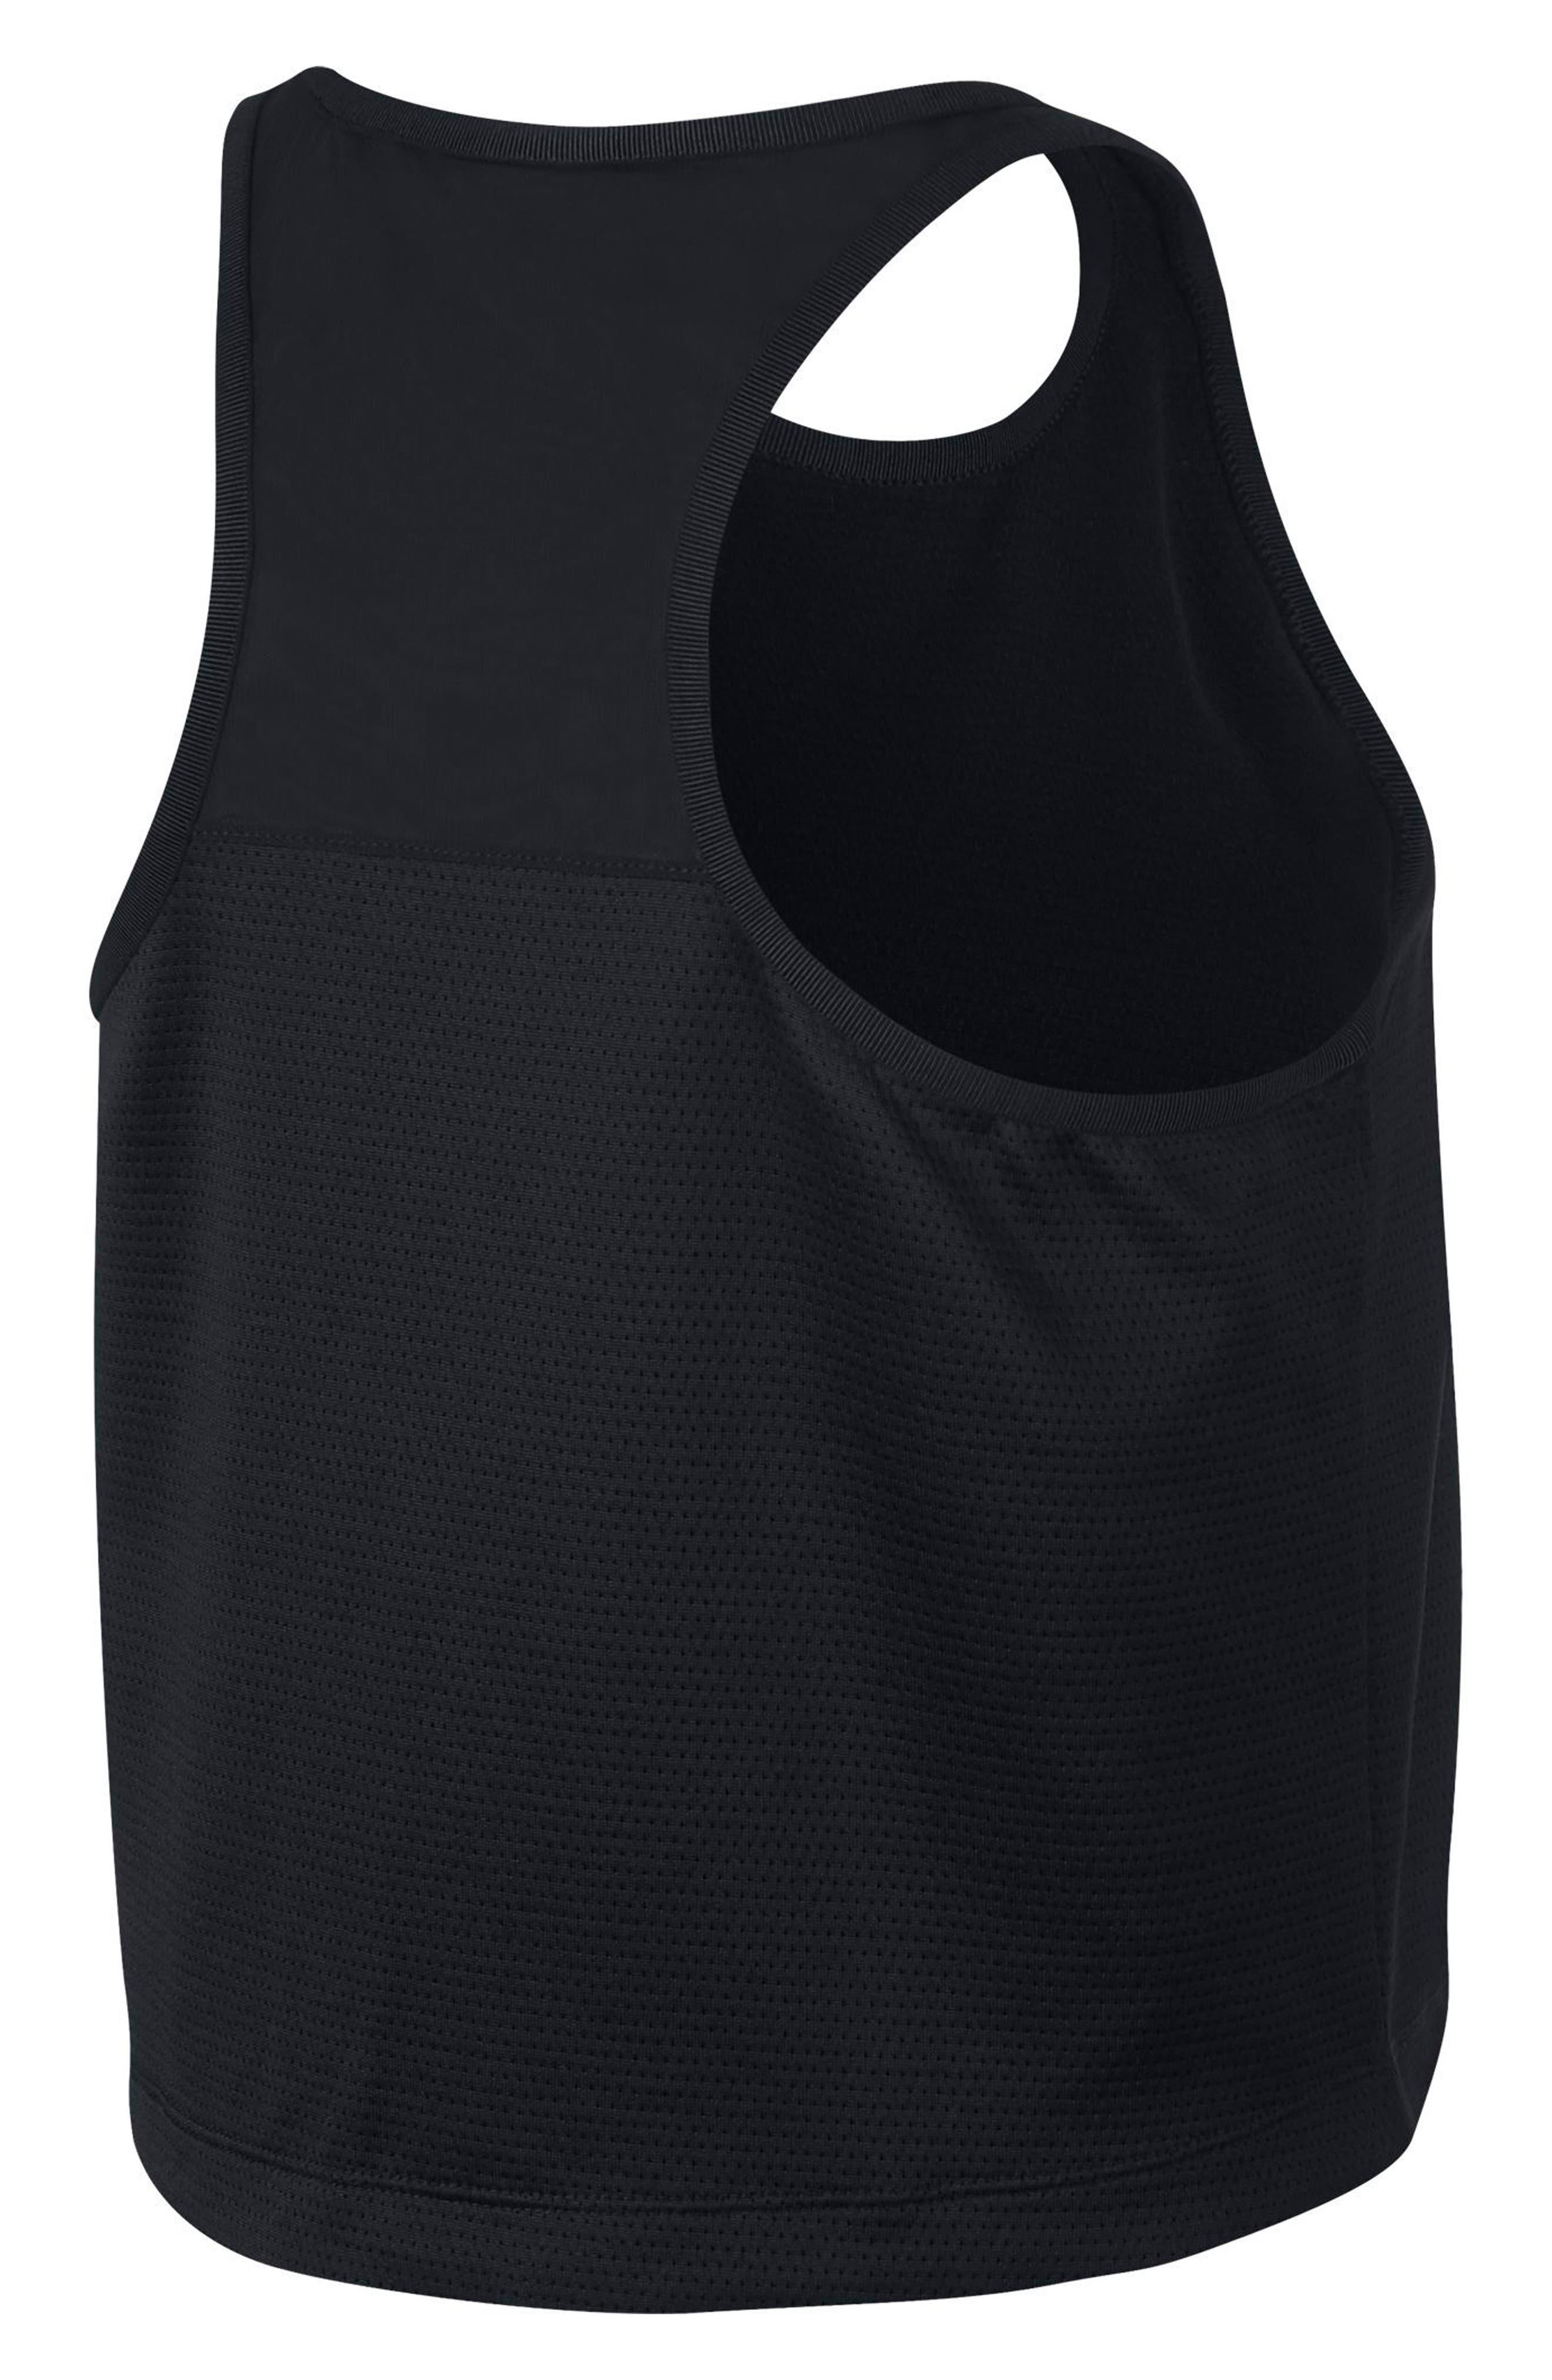 Sportswear Tech Fleece Women's Crop Tank,                             Alternate thumbnail 2, color,                             Black/ Black